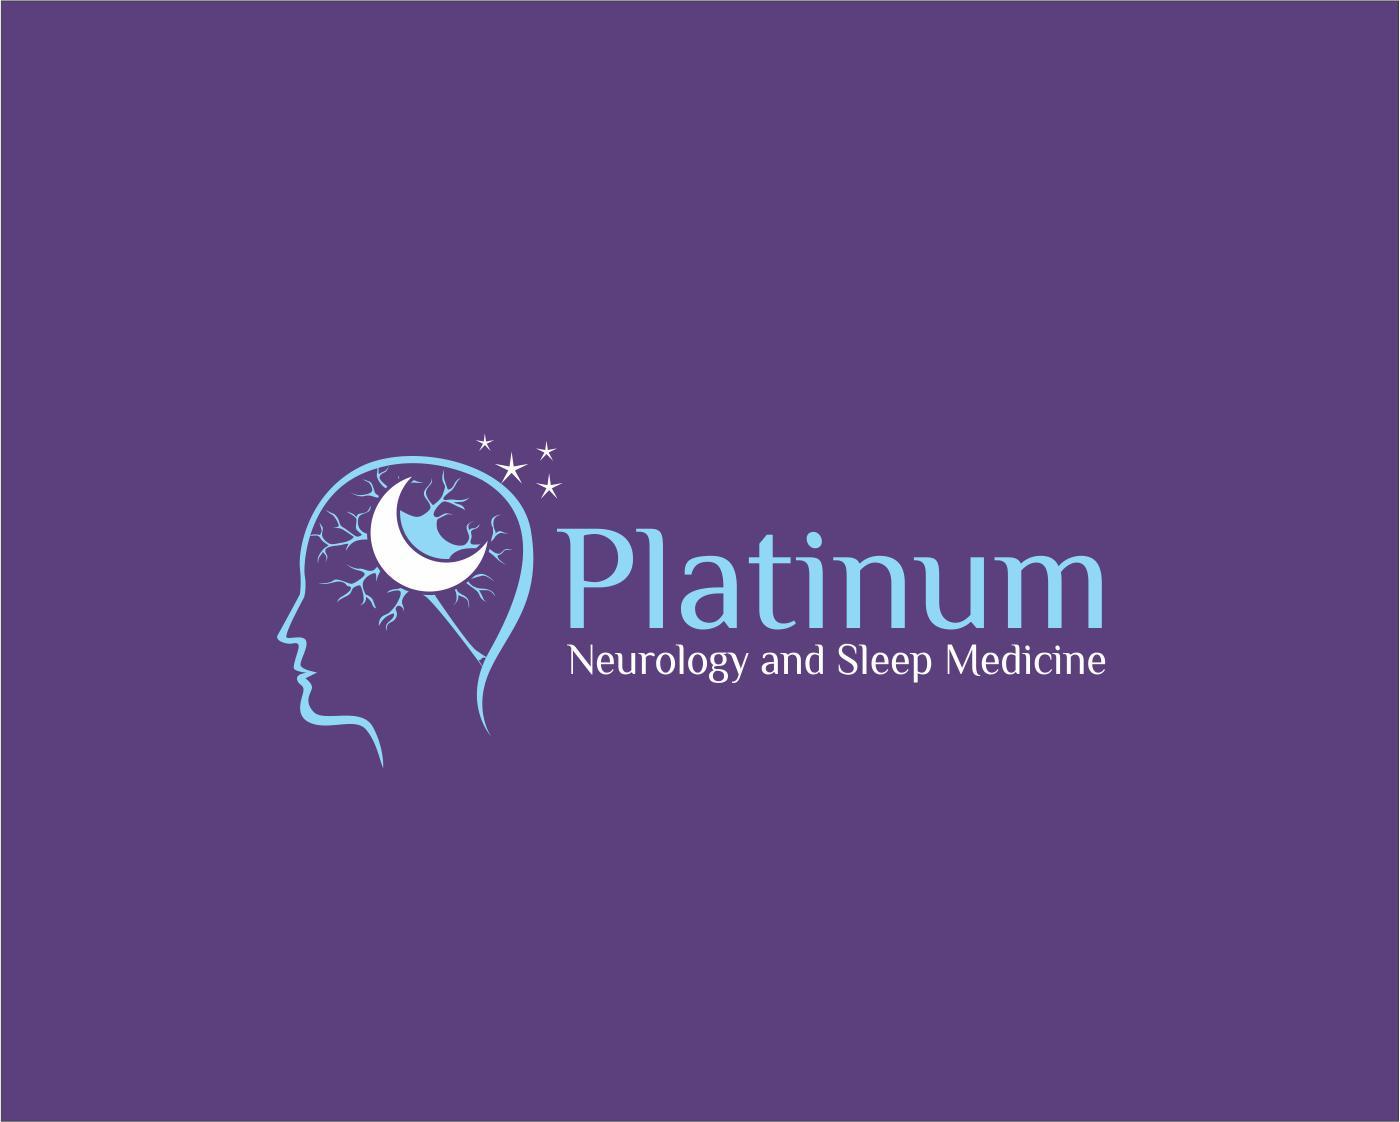 Professional, Conservative, Medical Logo Design for Platinum